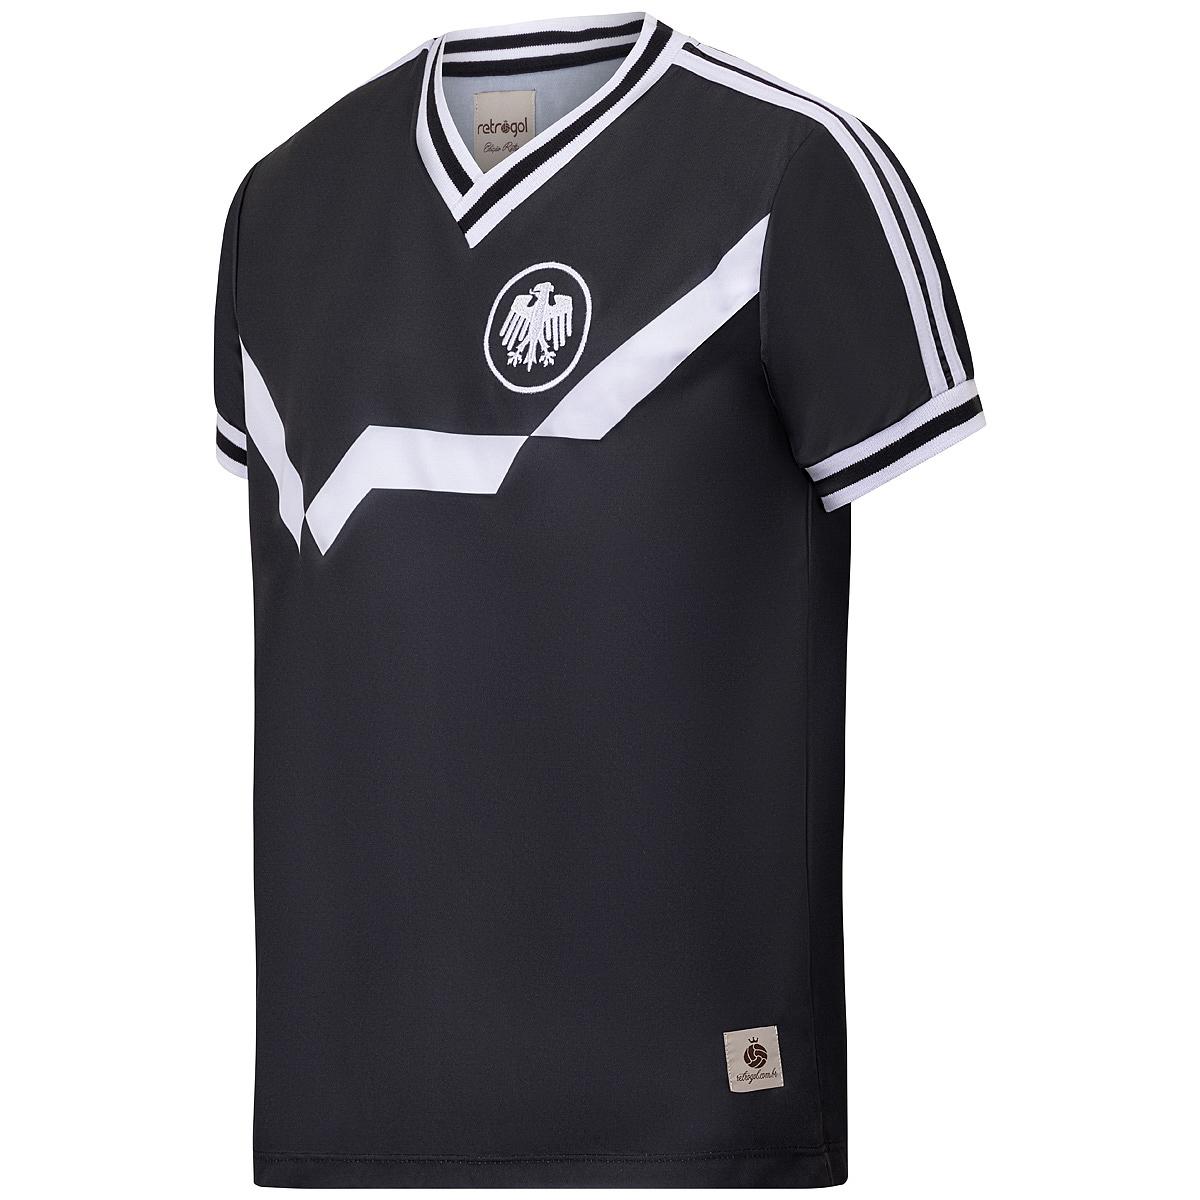 Camisa Alemanha Retrô 1990 Away Masculina